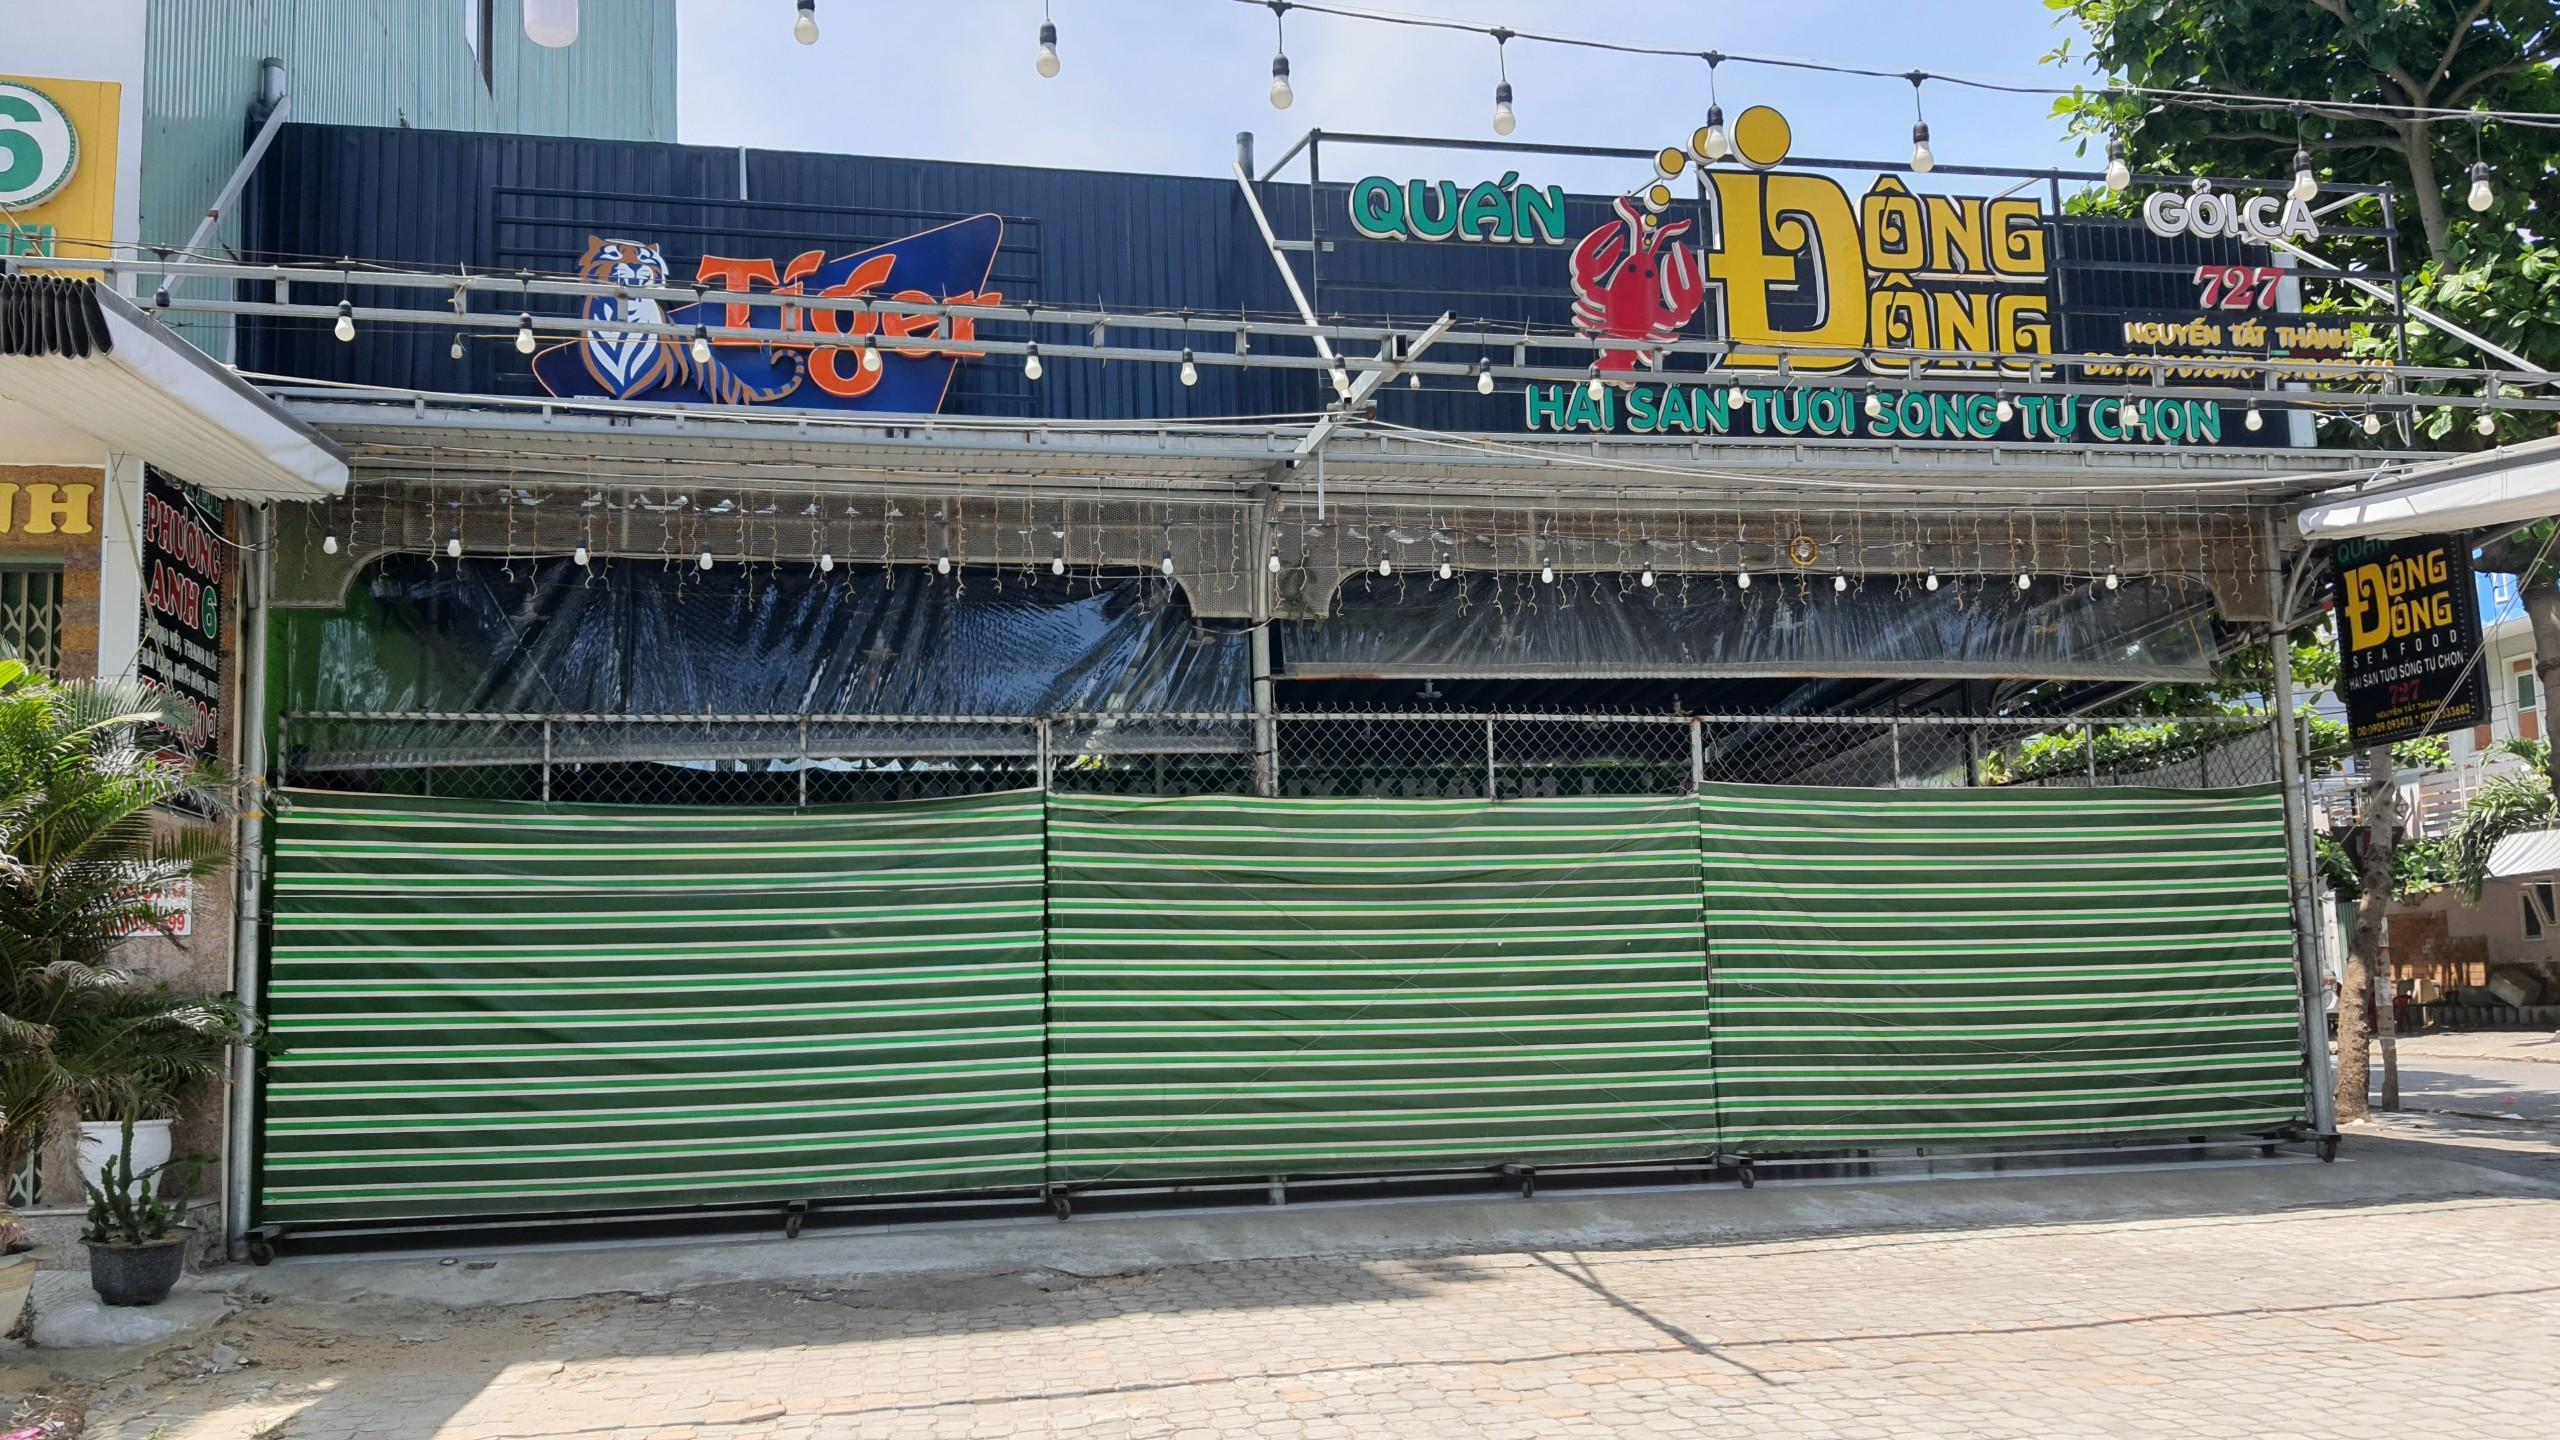 Đà Nẵng: Hàng quán nghiêm chỉnh treo bảng bán mang về, thậm chí đóng cửa để phòng chống dịch Covid-19 - Ảnh 2.